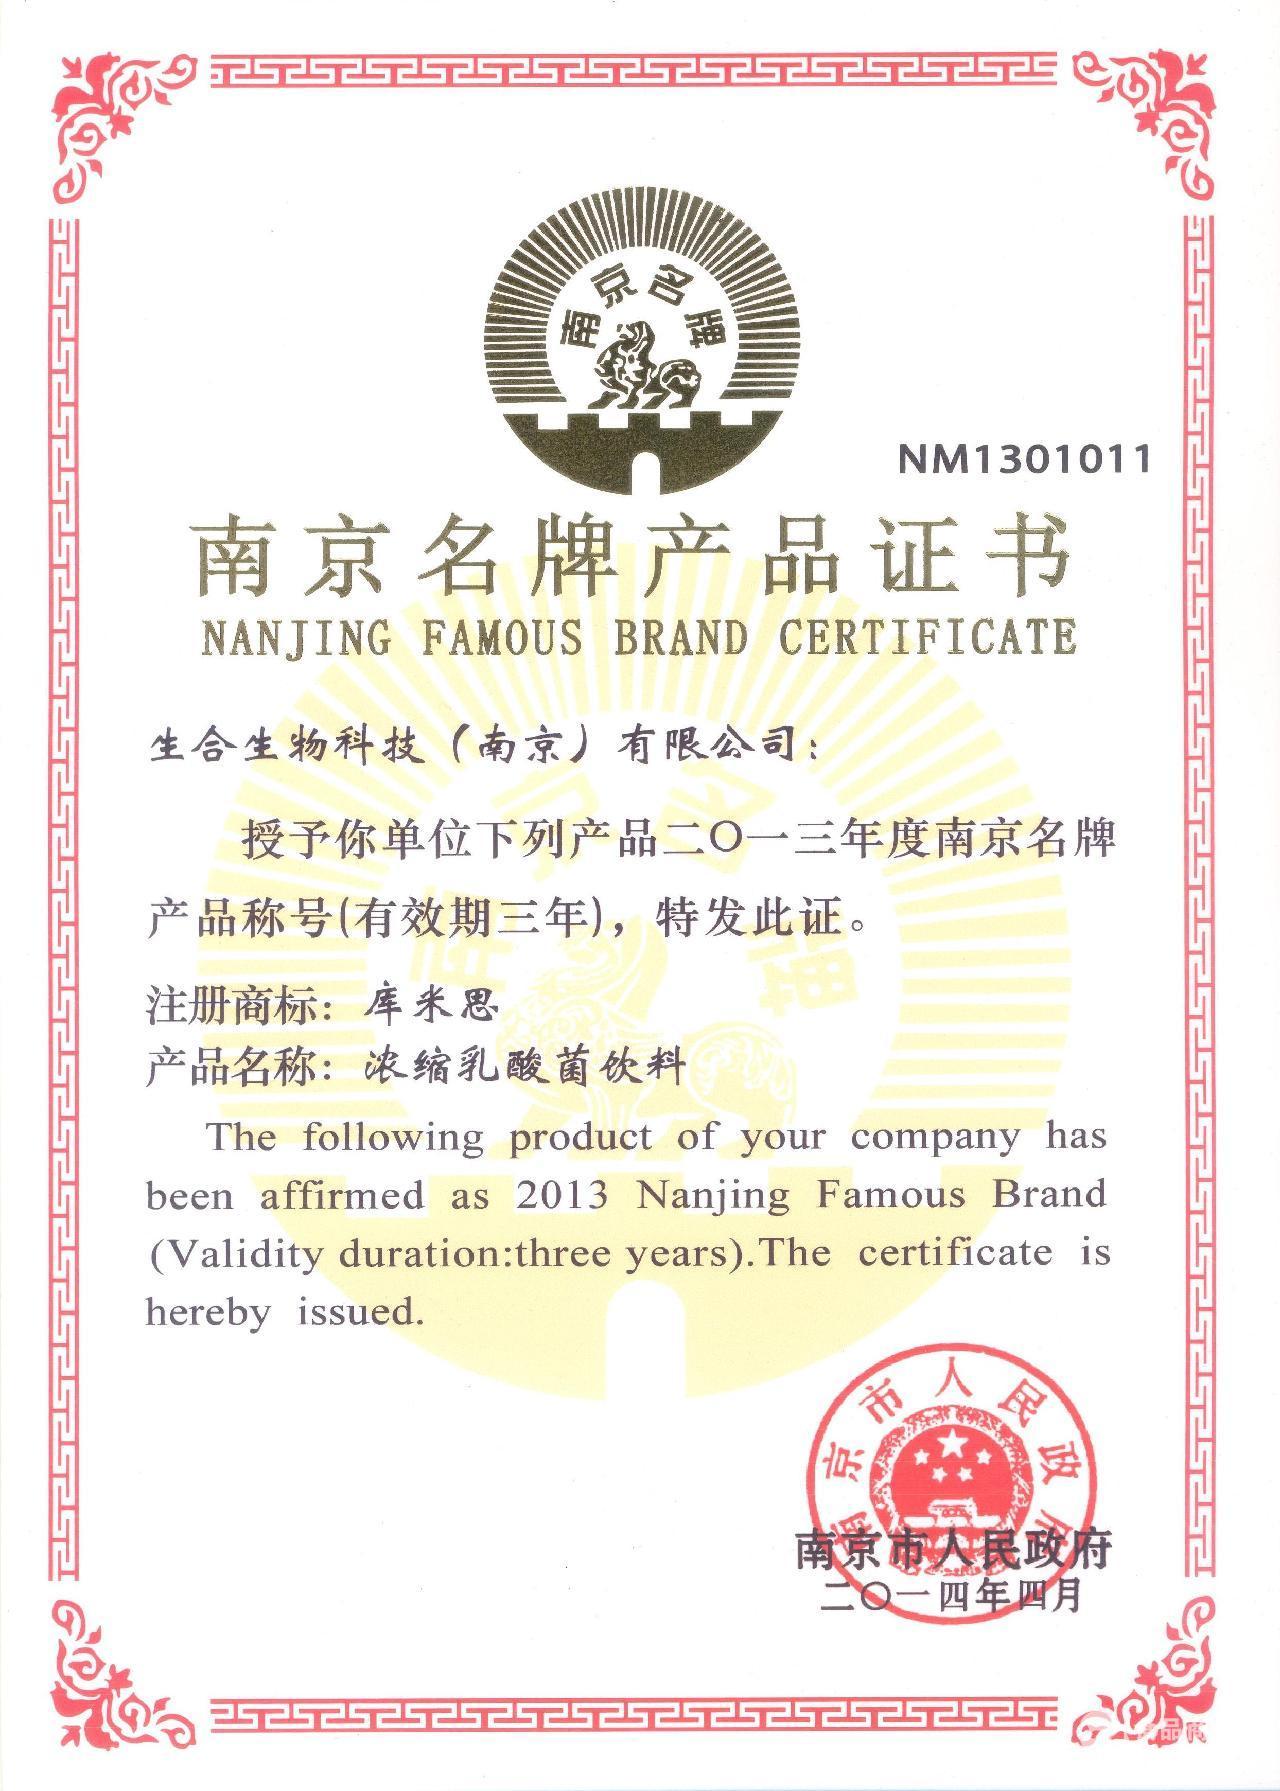 南京市名牌产品证书